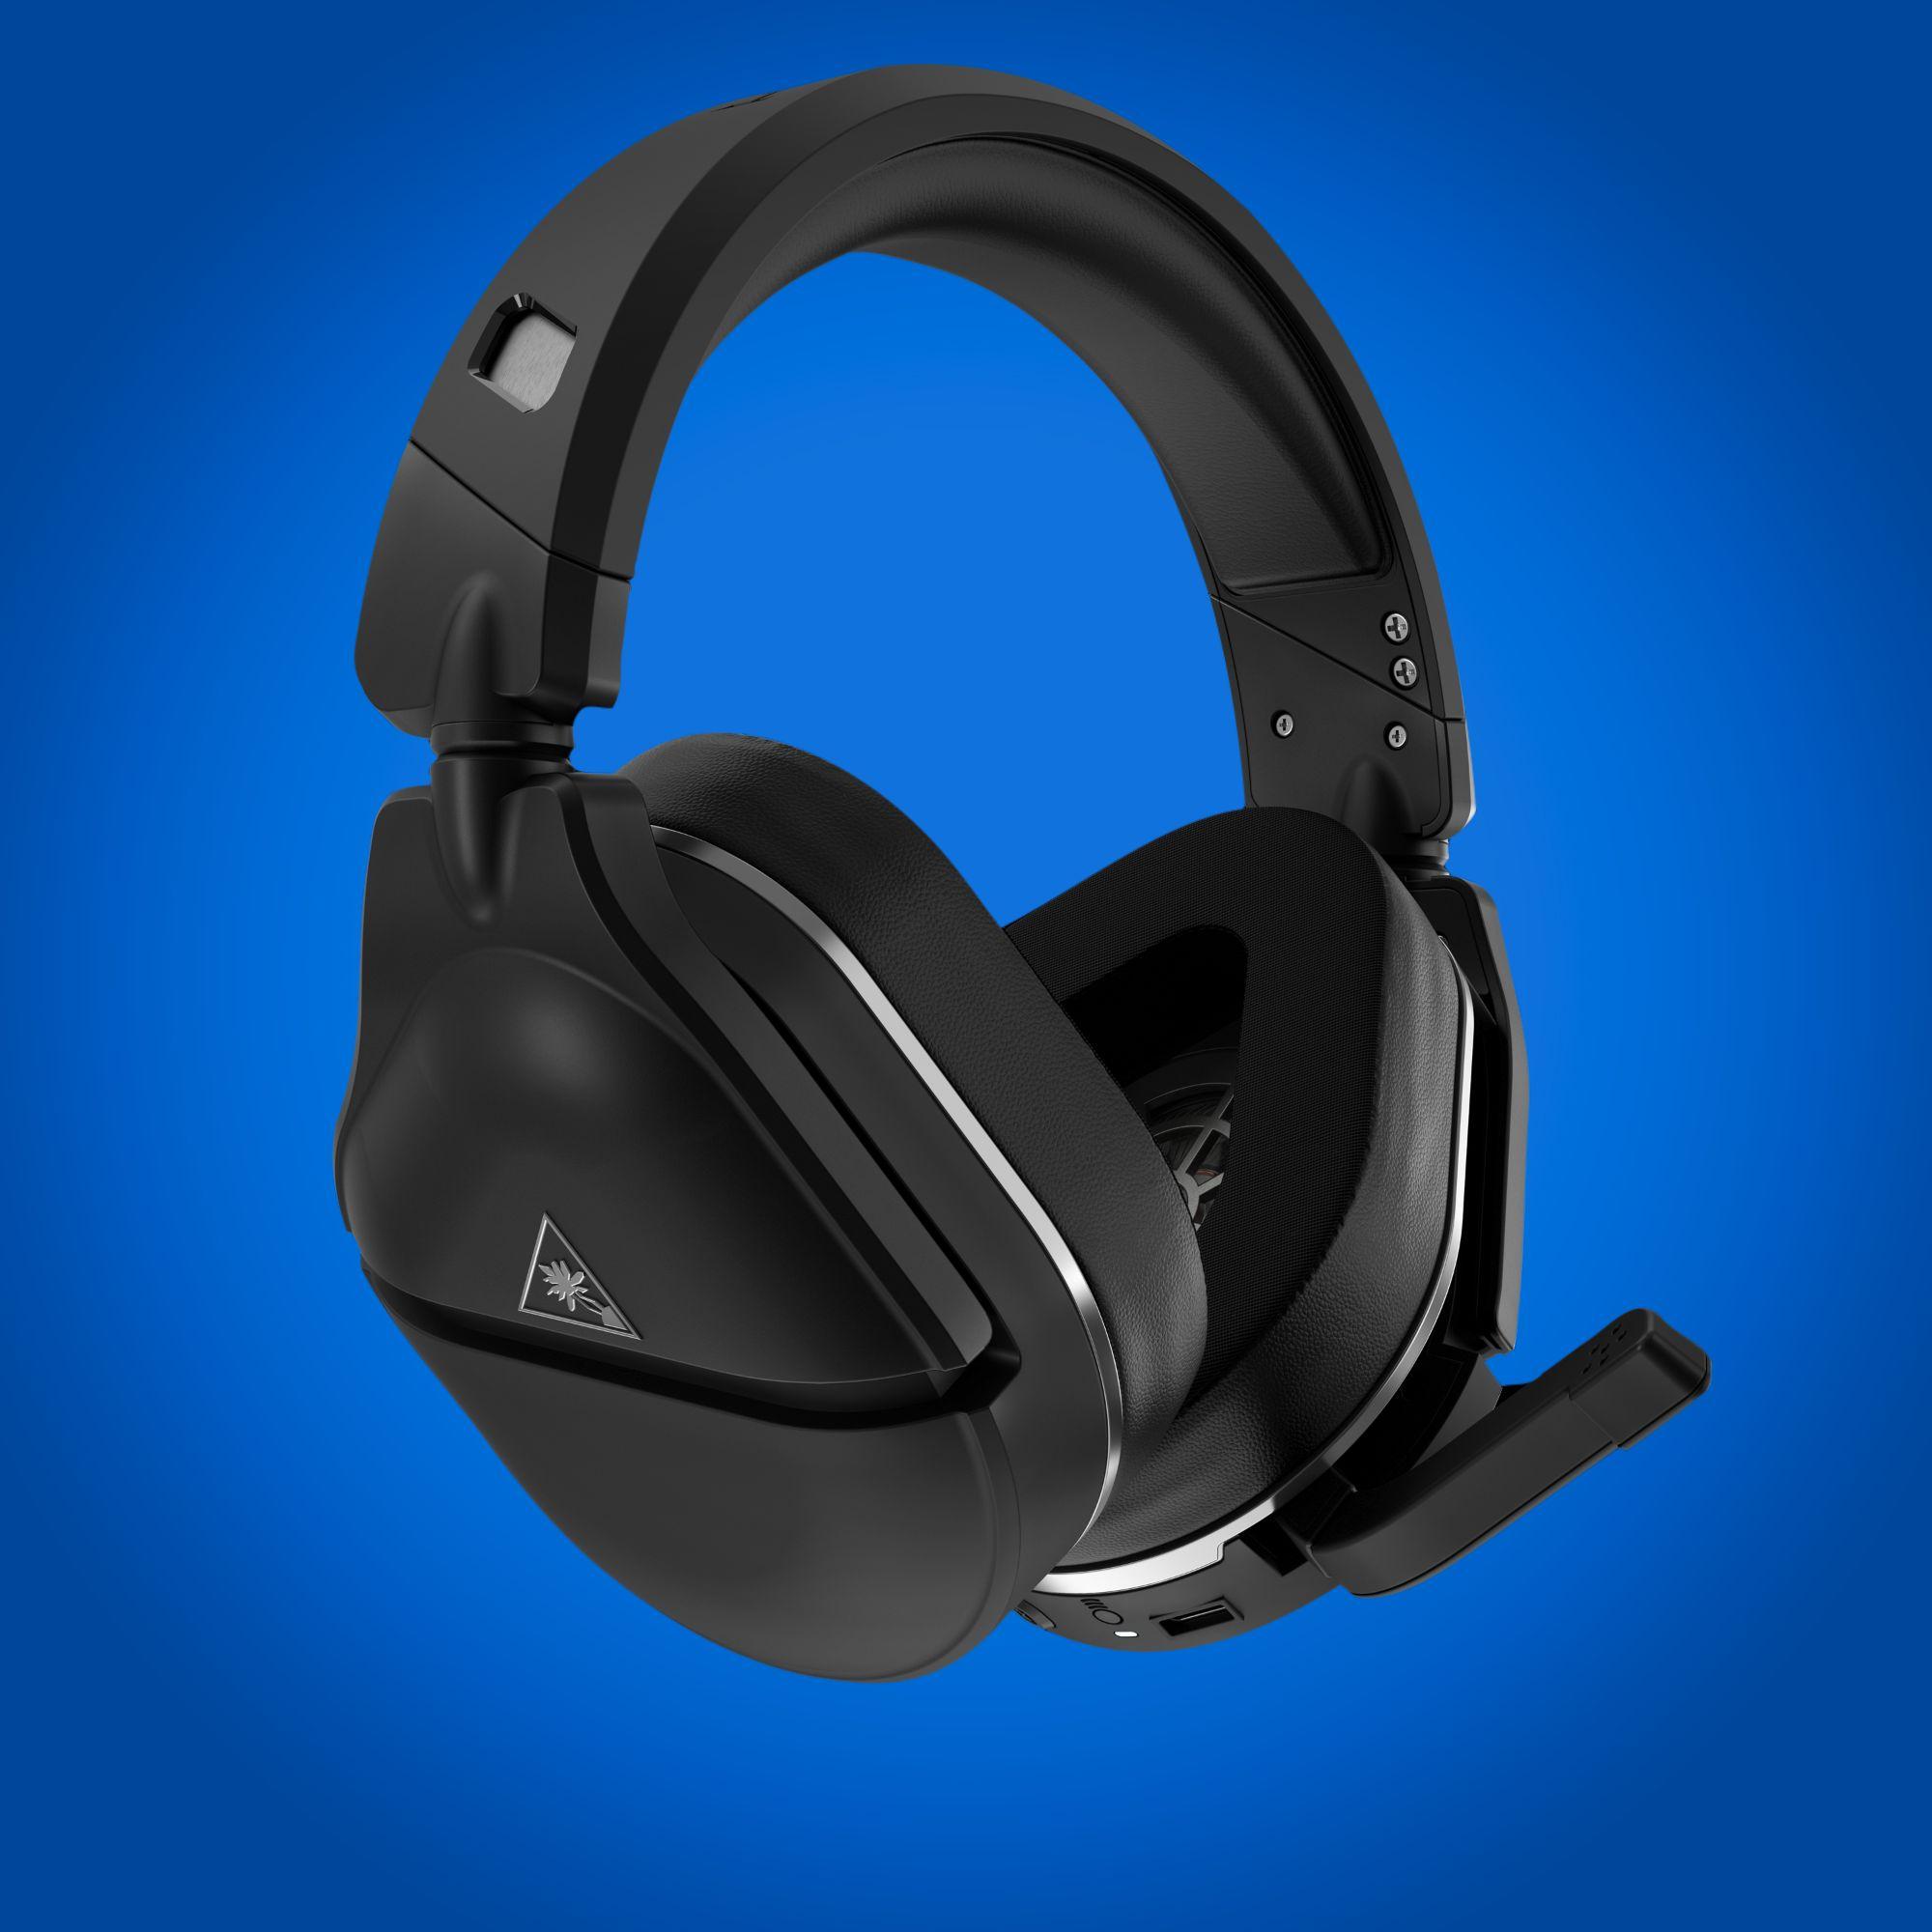 Stealth 700 Gen 2 Premium Wireless Gaming Headsetfor Xbox One Design